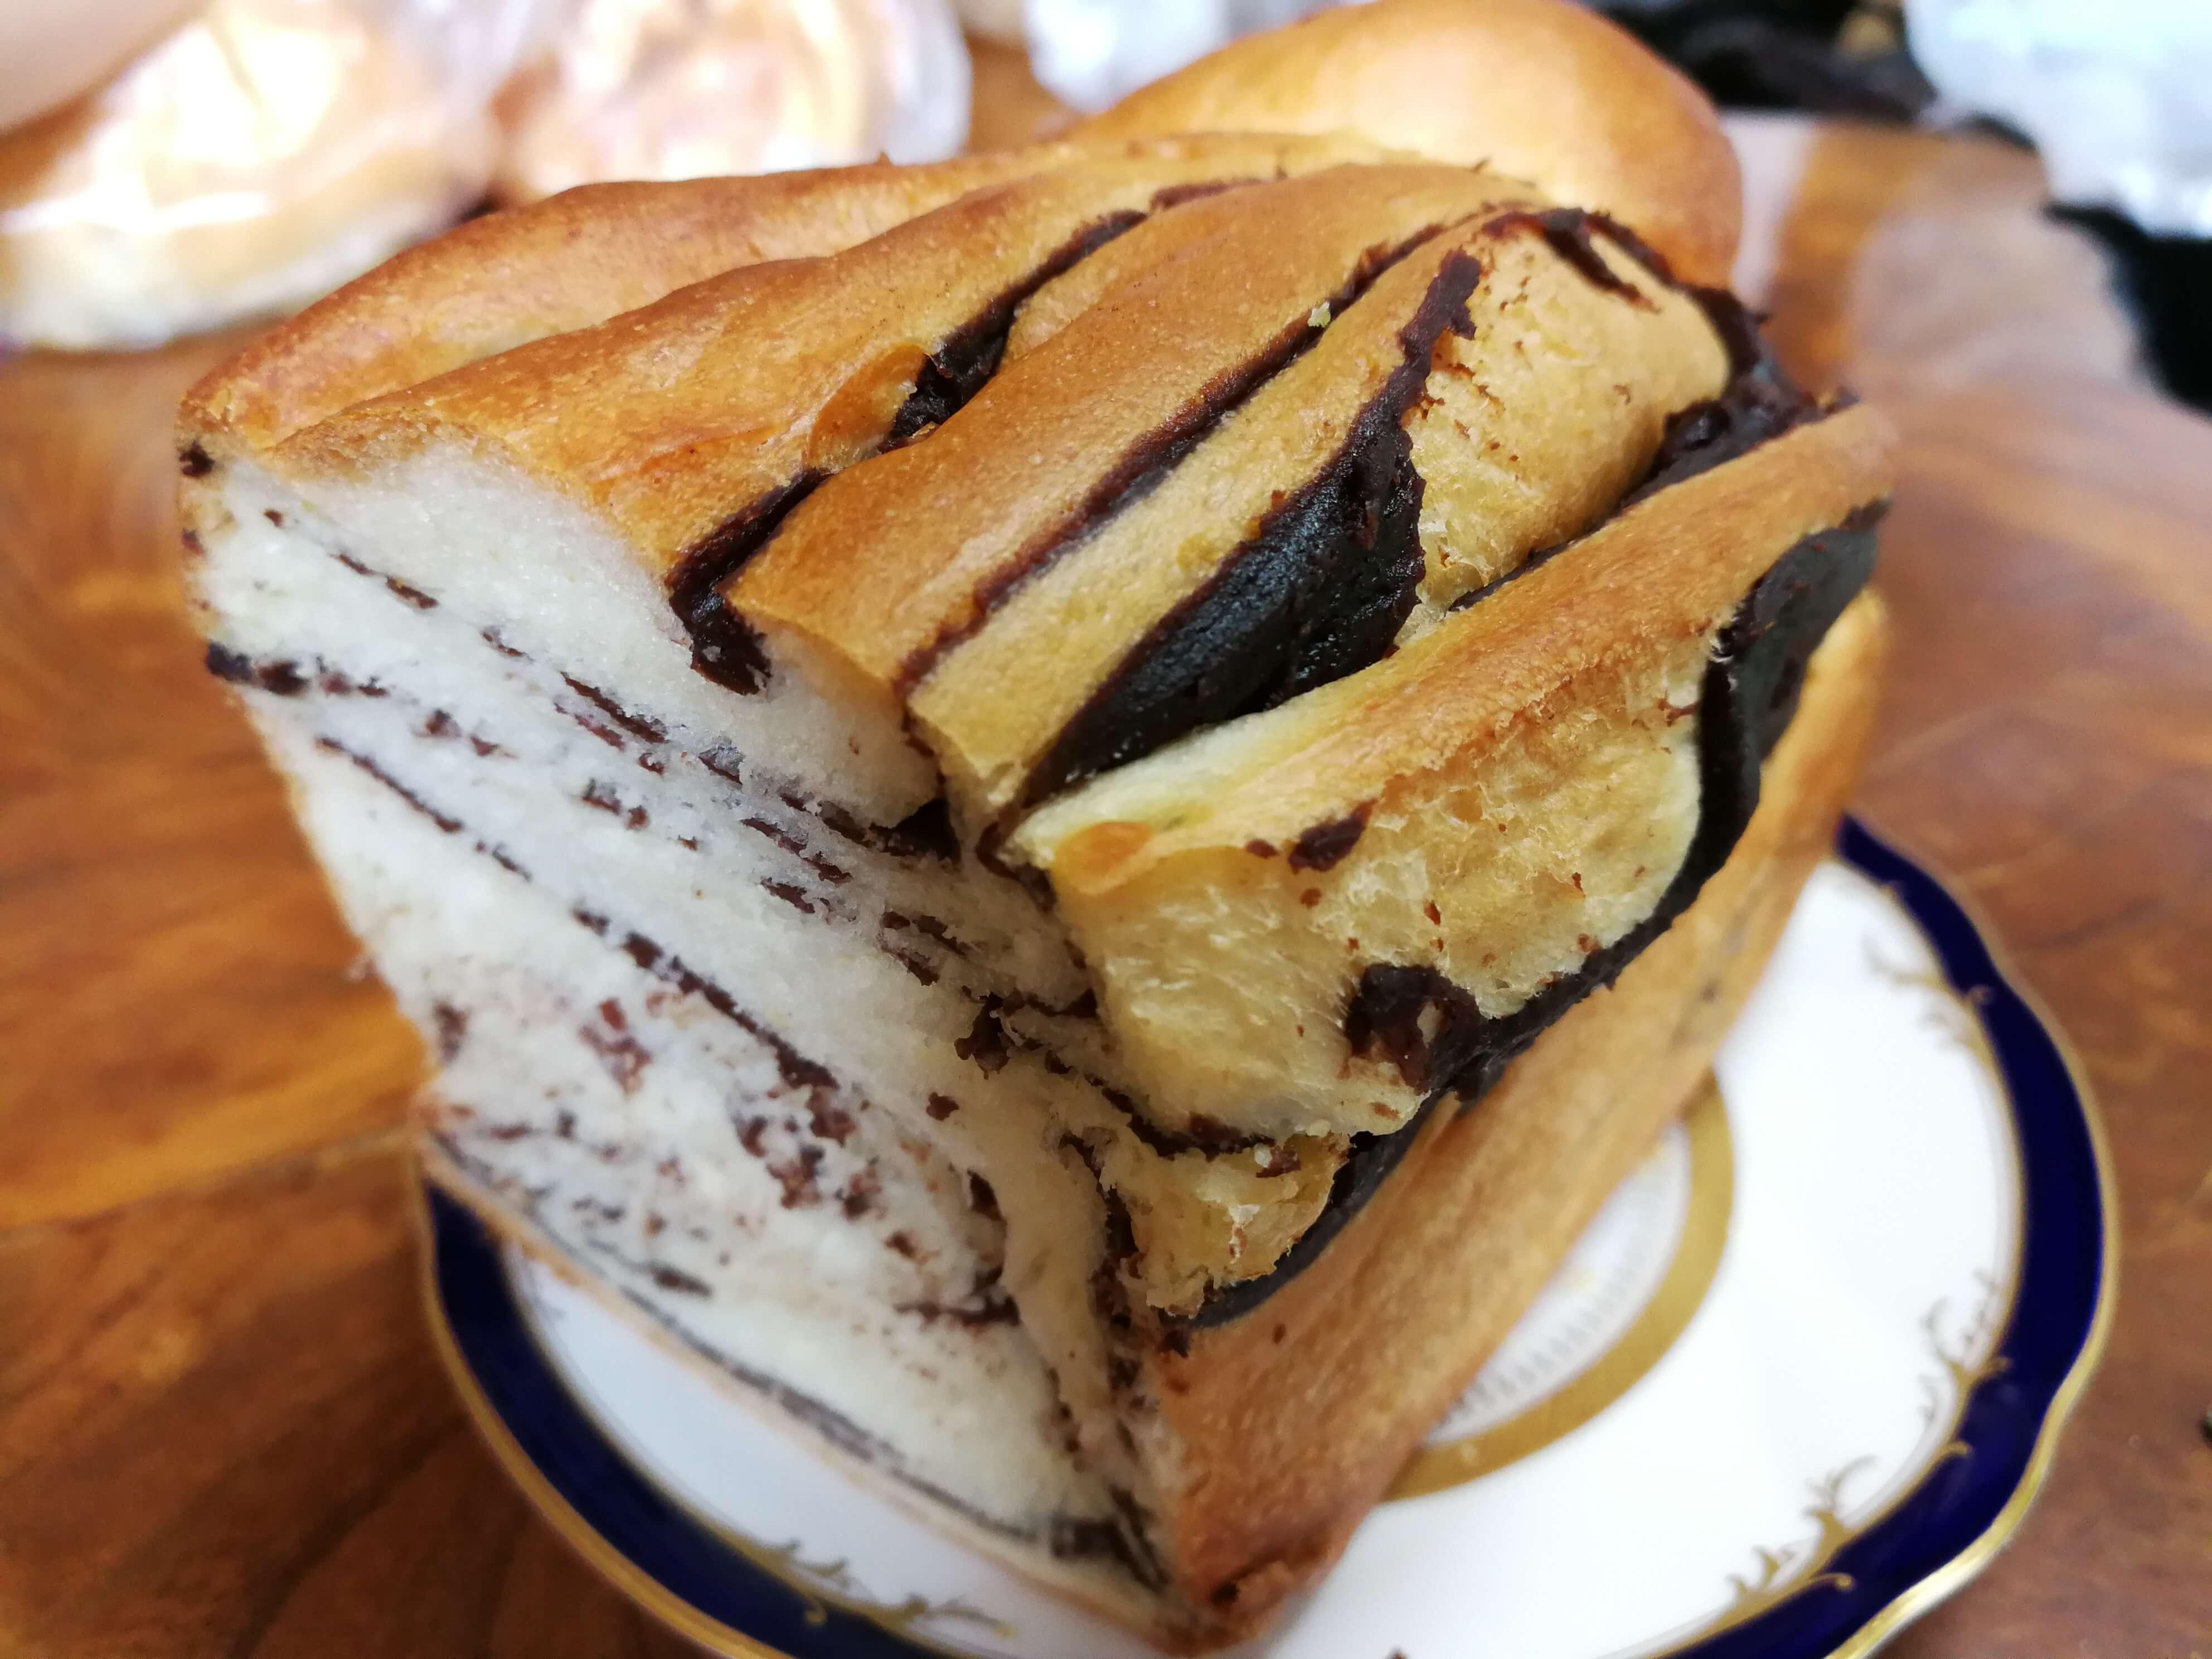 山のパン屋さん|金沢市の山奥で見つけた!もちもちムッチリな食感がたまらない